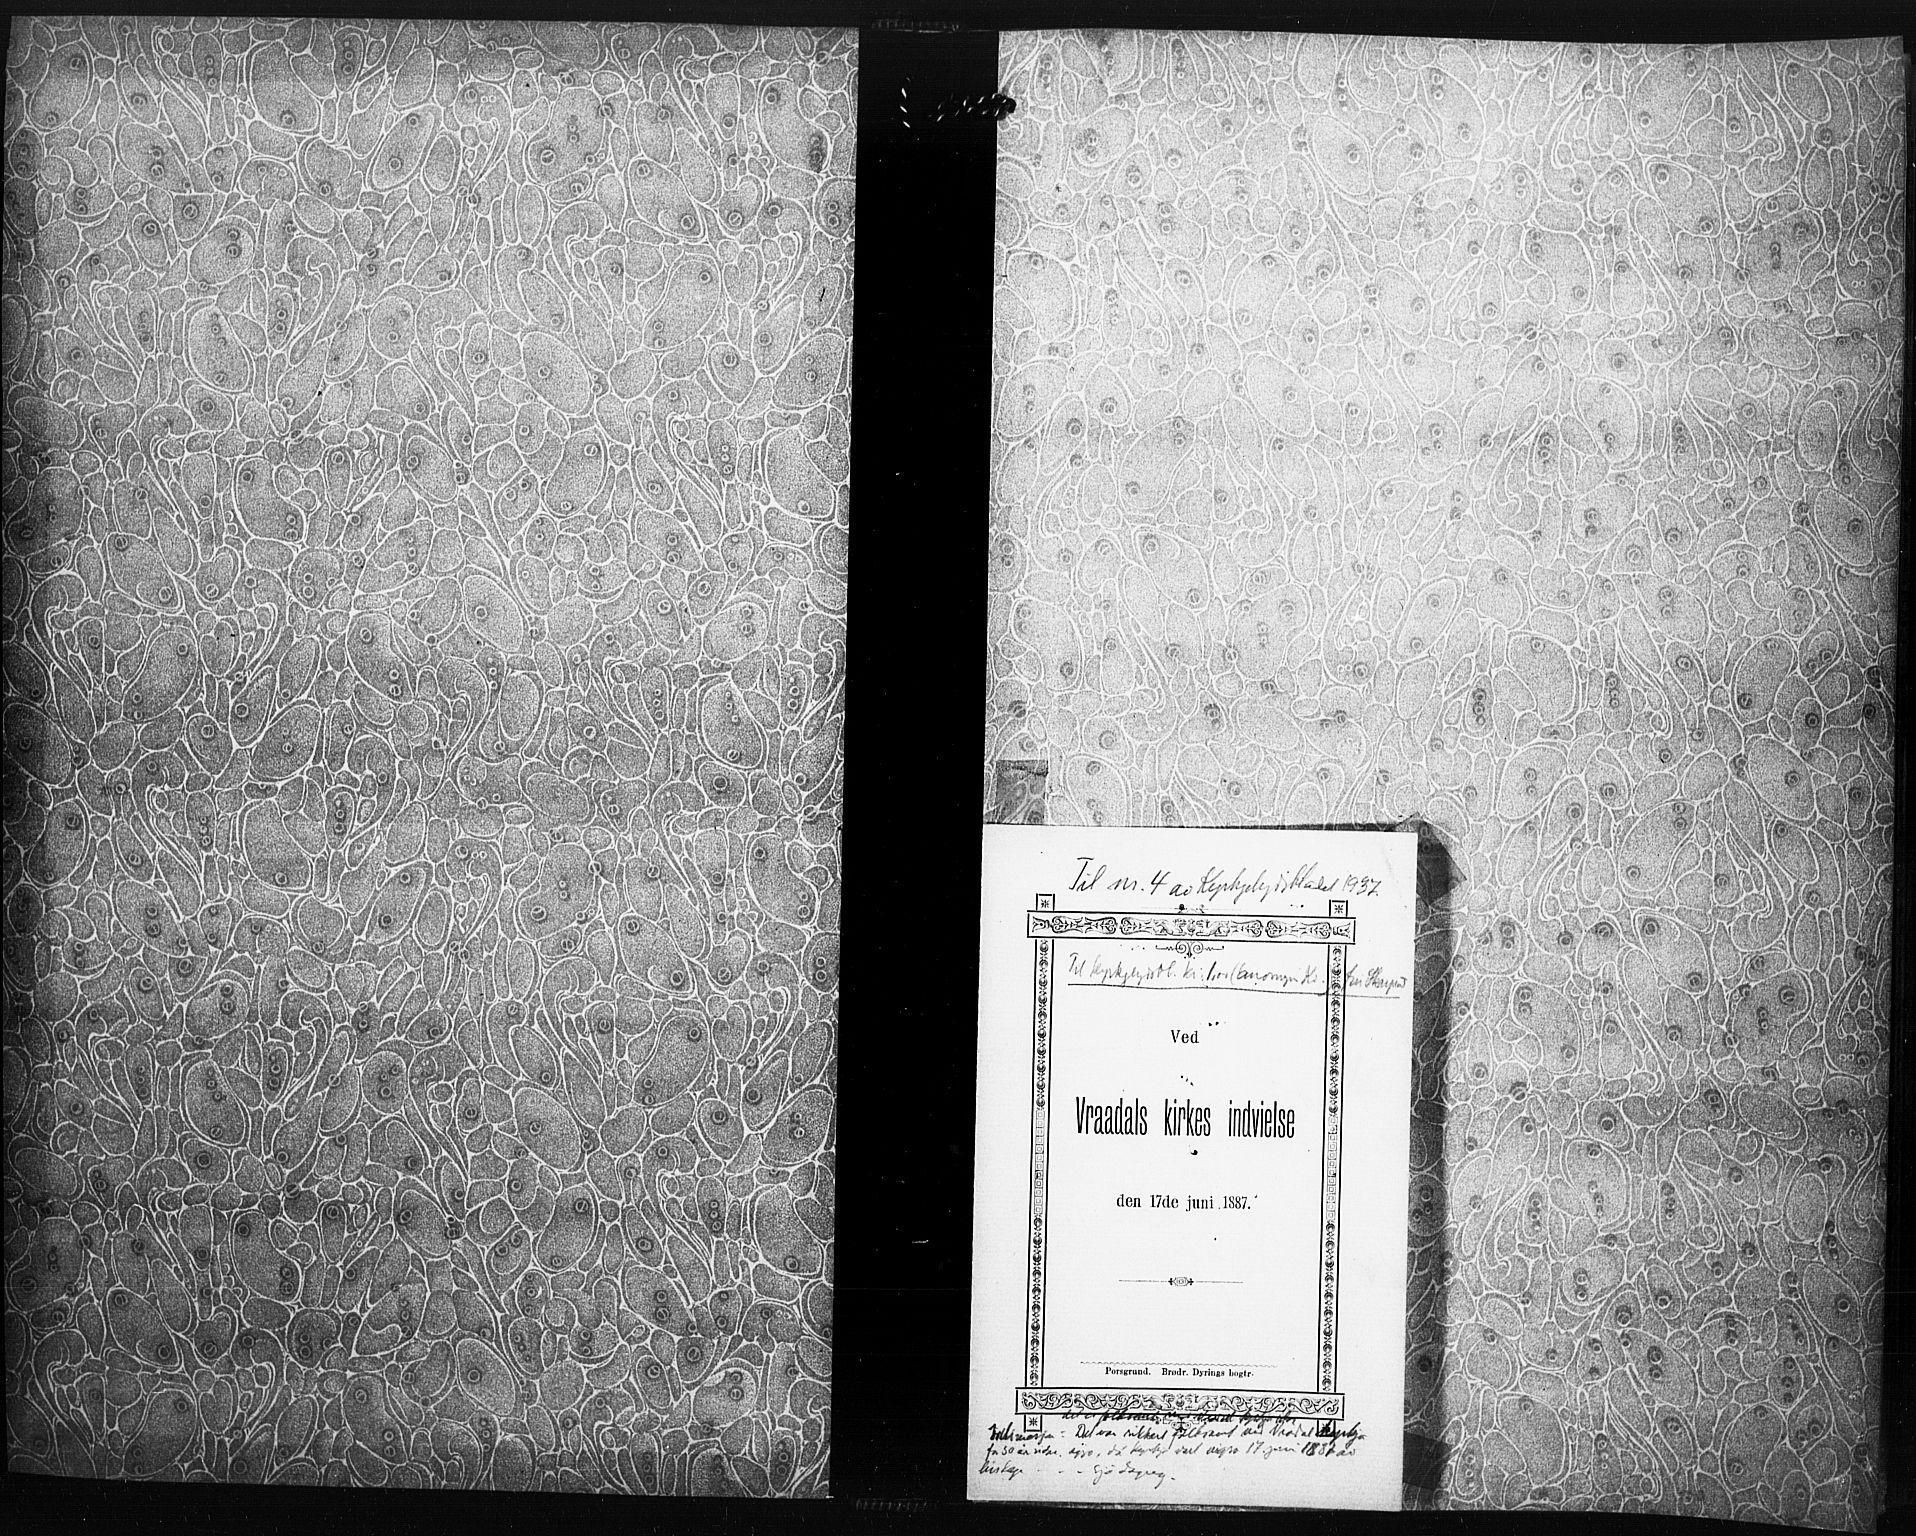 SAKO, Kviteseid kirkebøker, F/Fc/L0002: Ministerialbok nr. III 2, 1882-1908